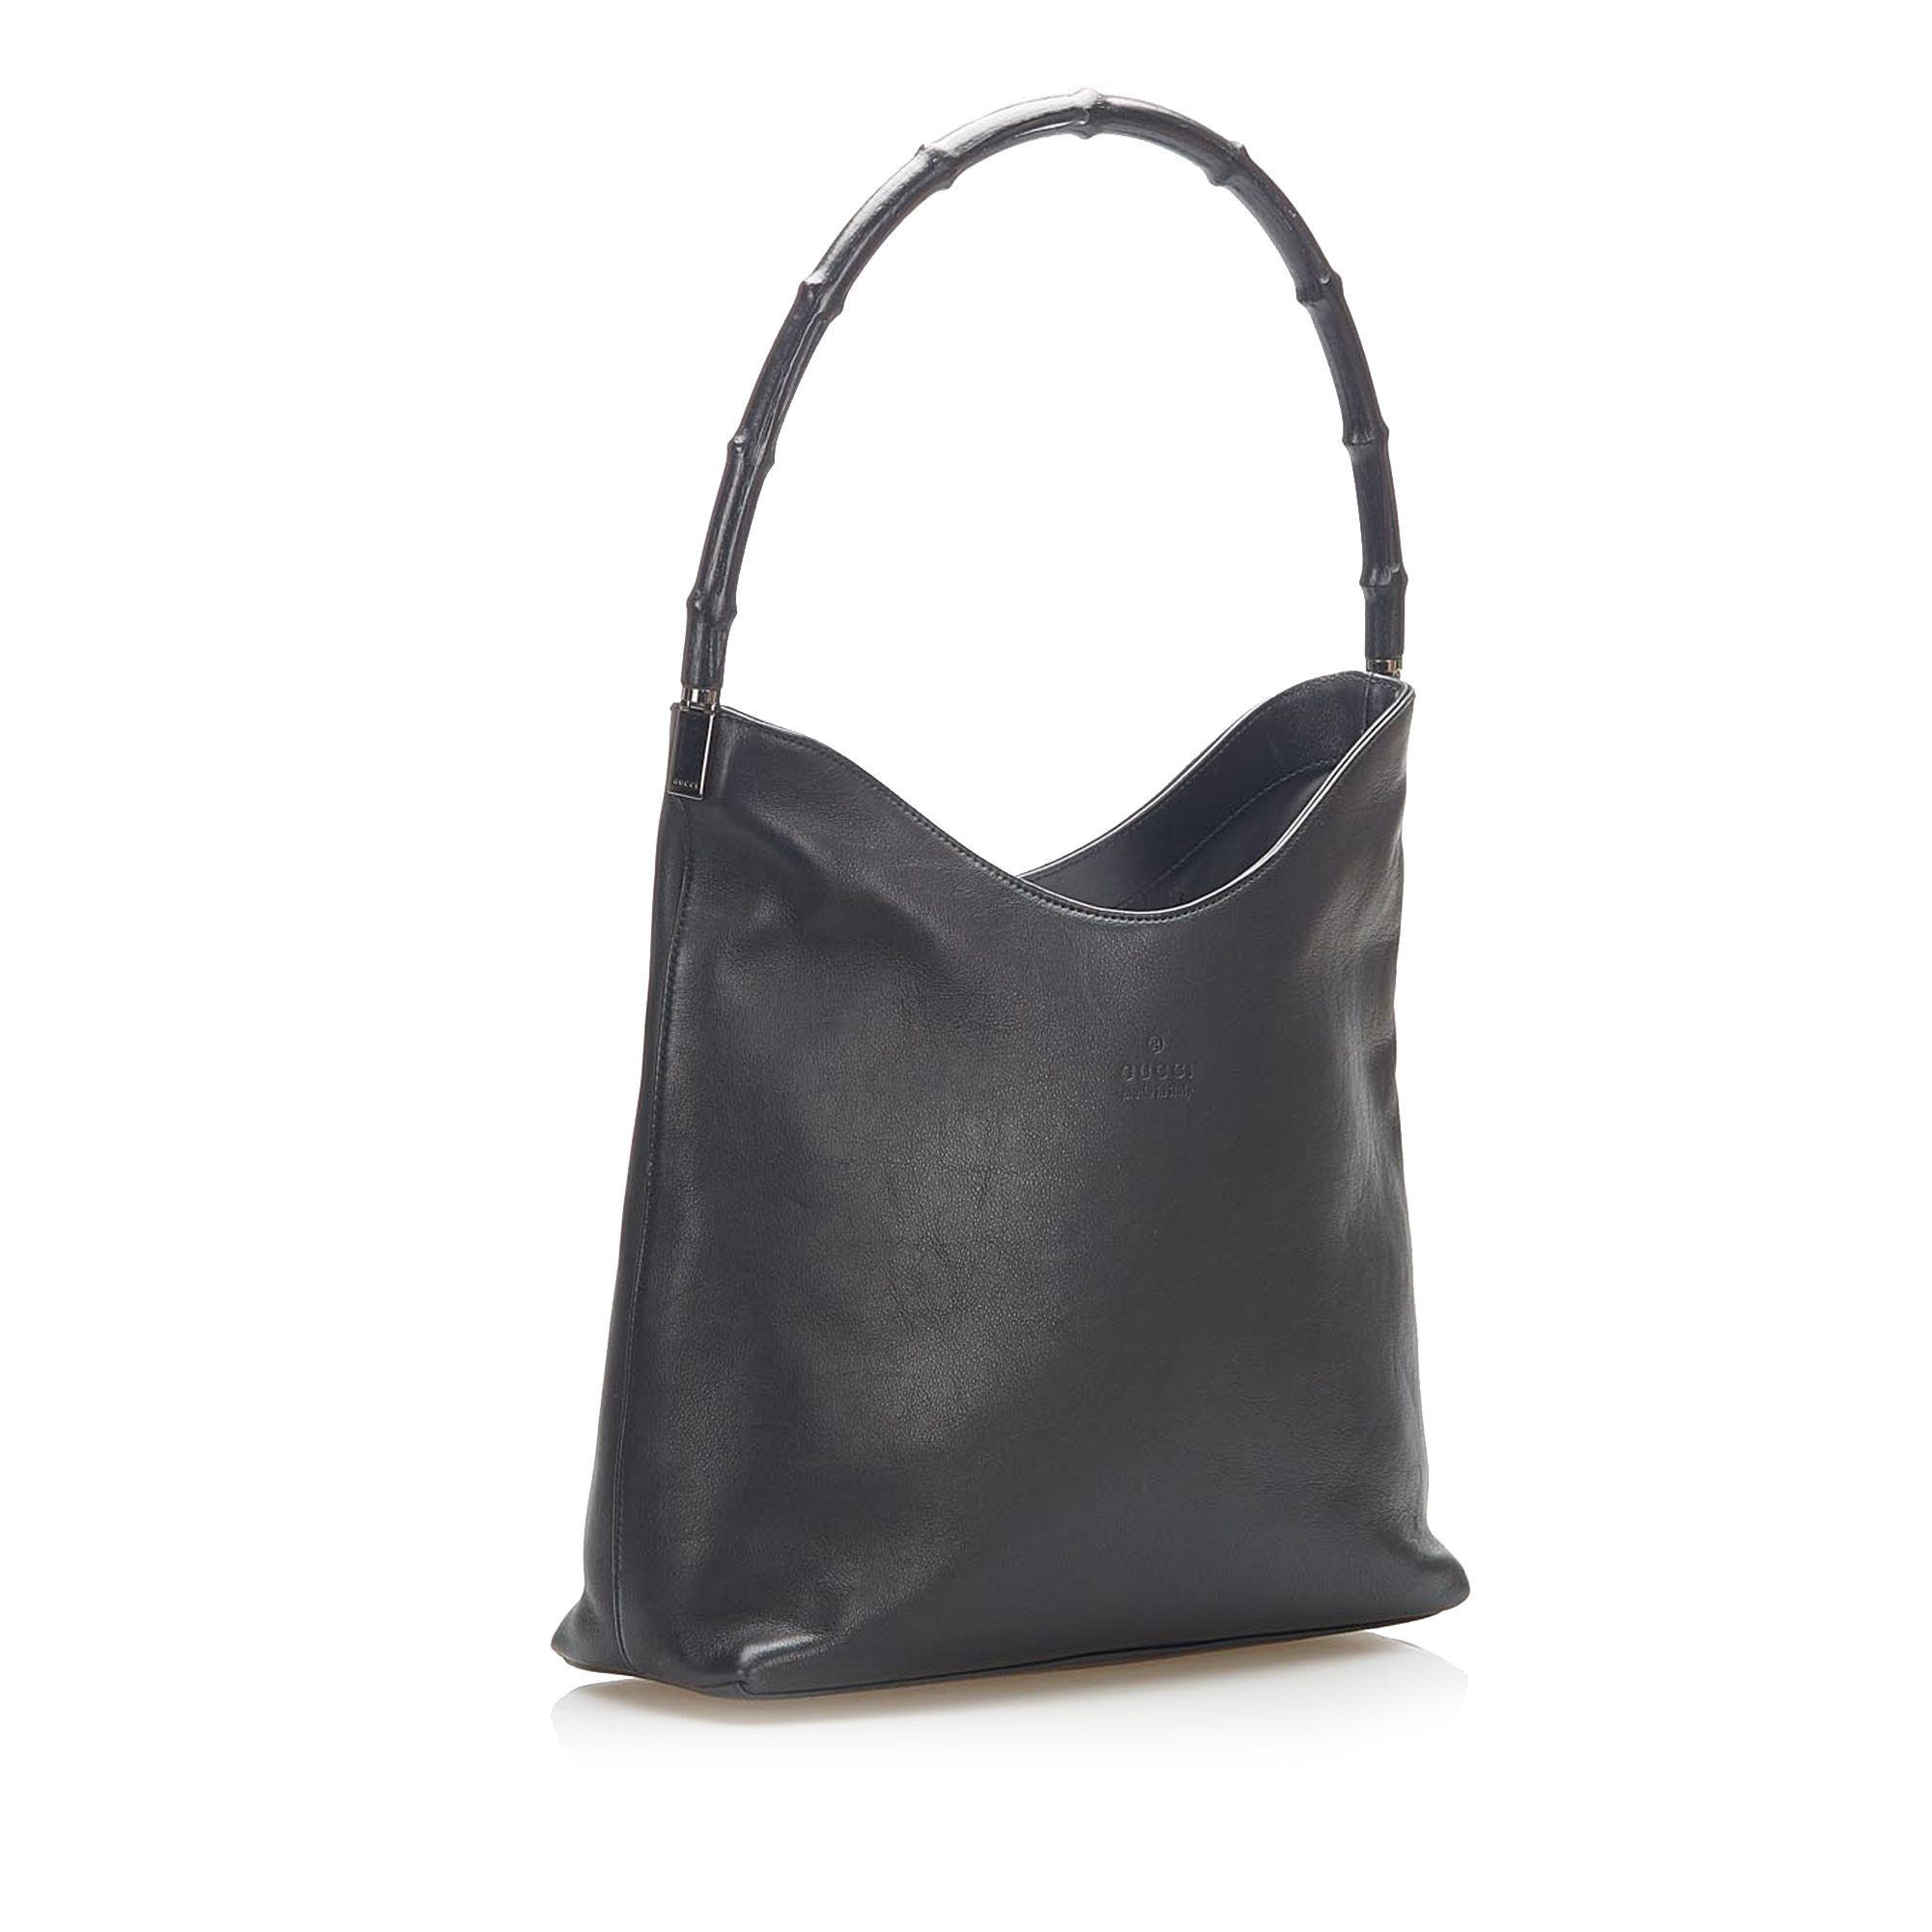 Vintage Gucci Bamboo Leather Shoulder Bag Black